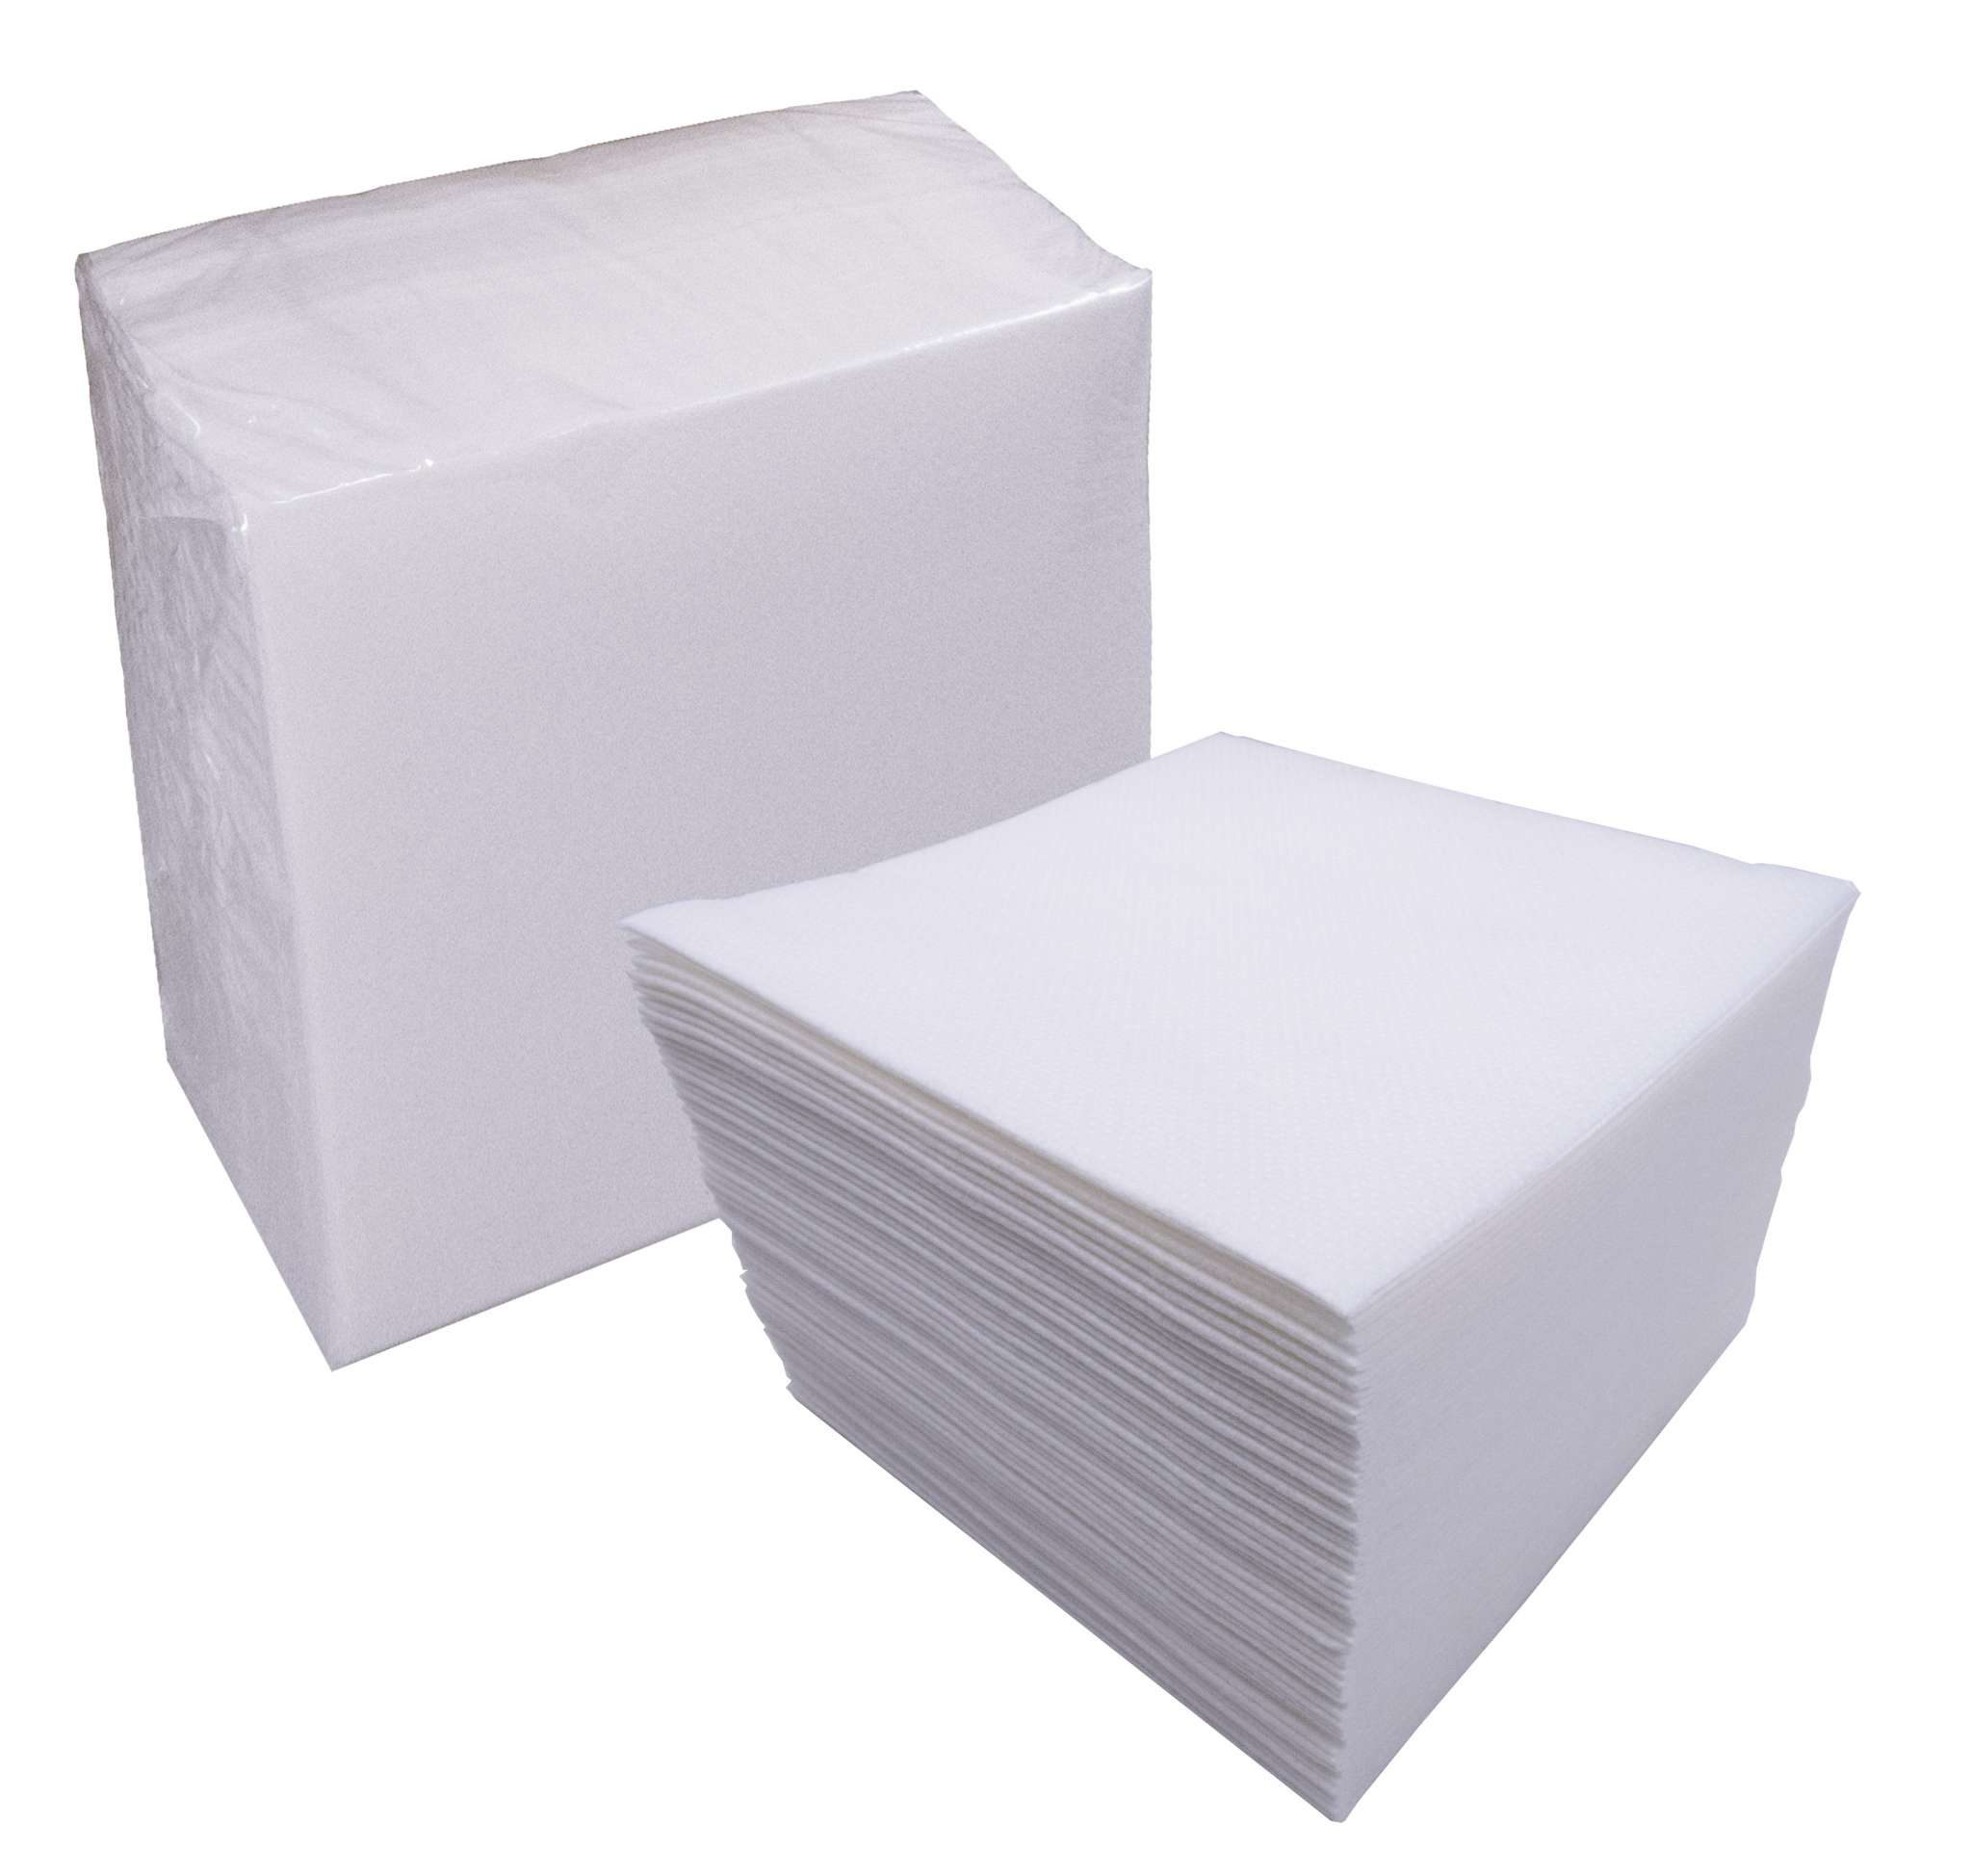 #03912 Inner Packaging